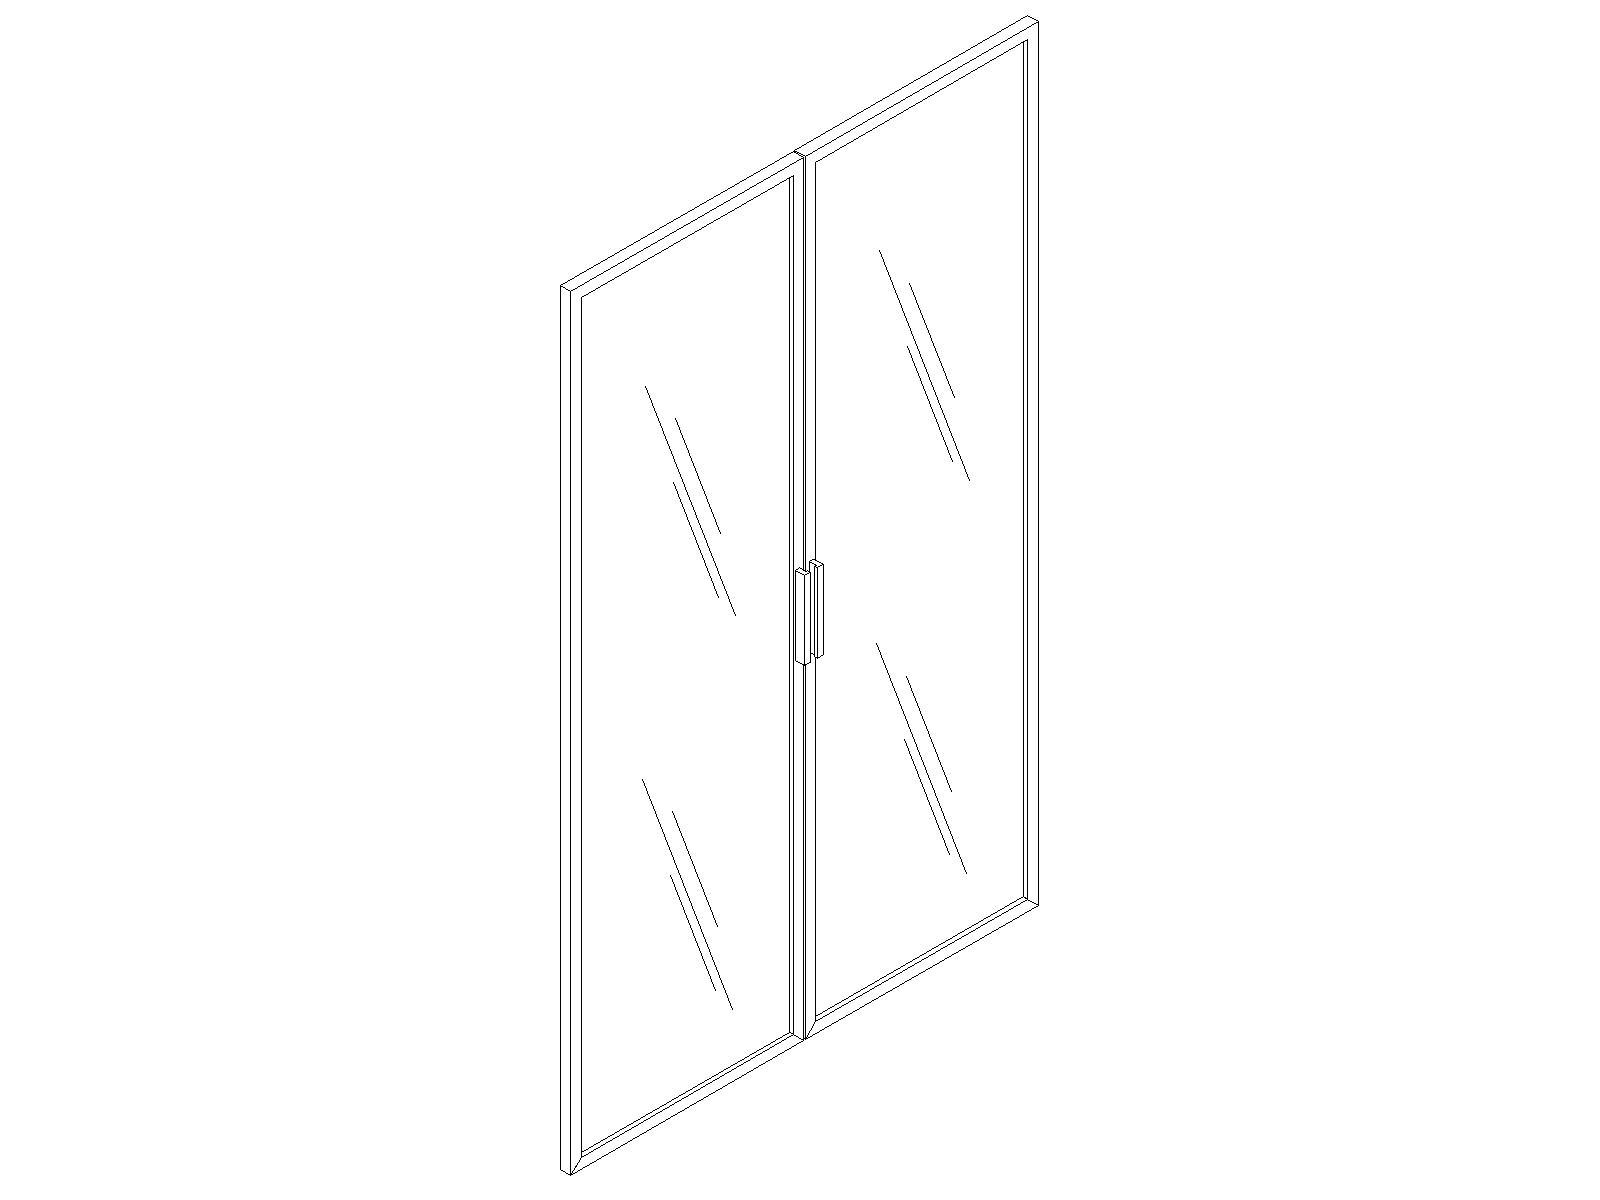 Двери стеклянные в алюминиевой раме низкие EDV411